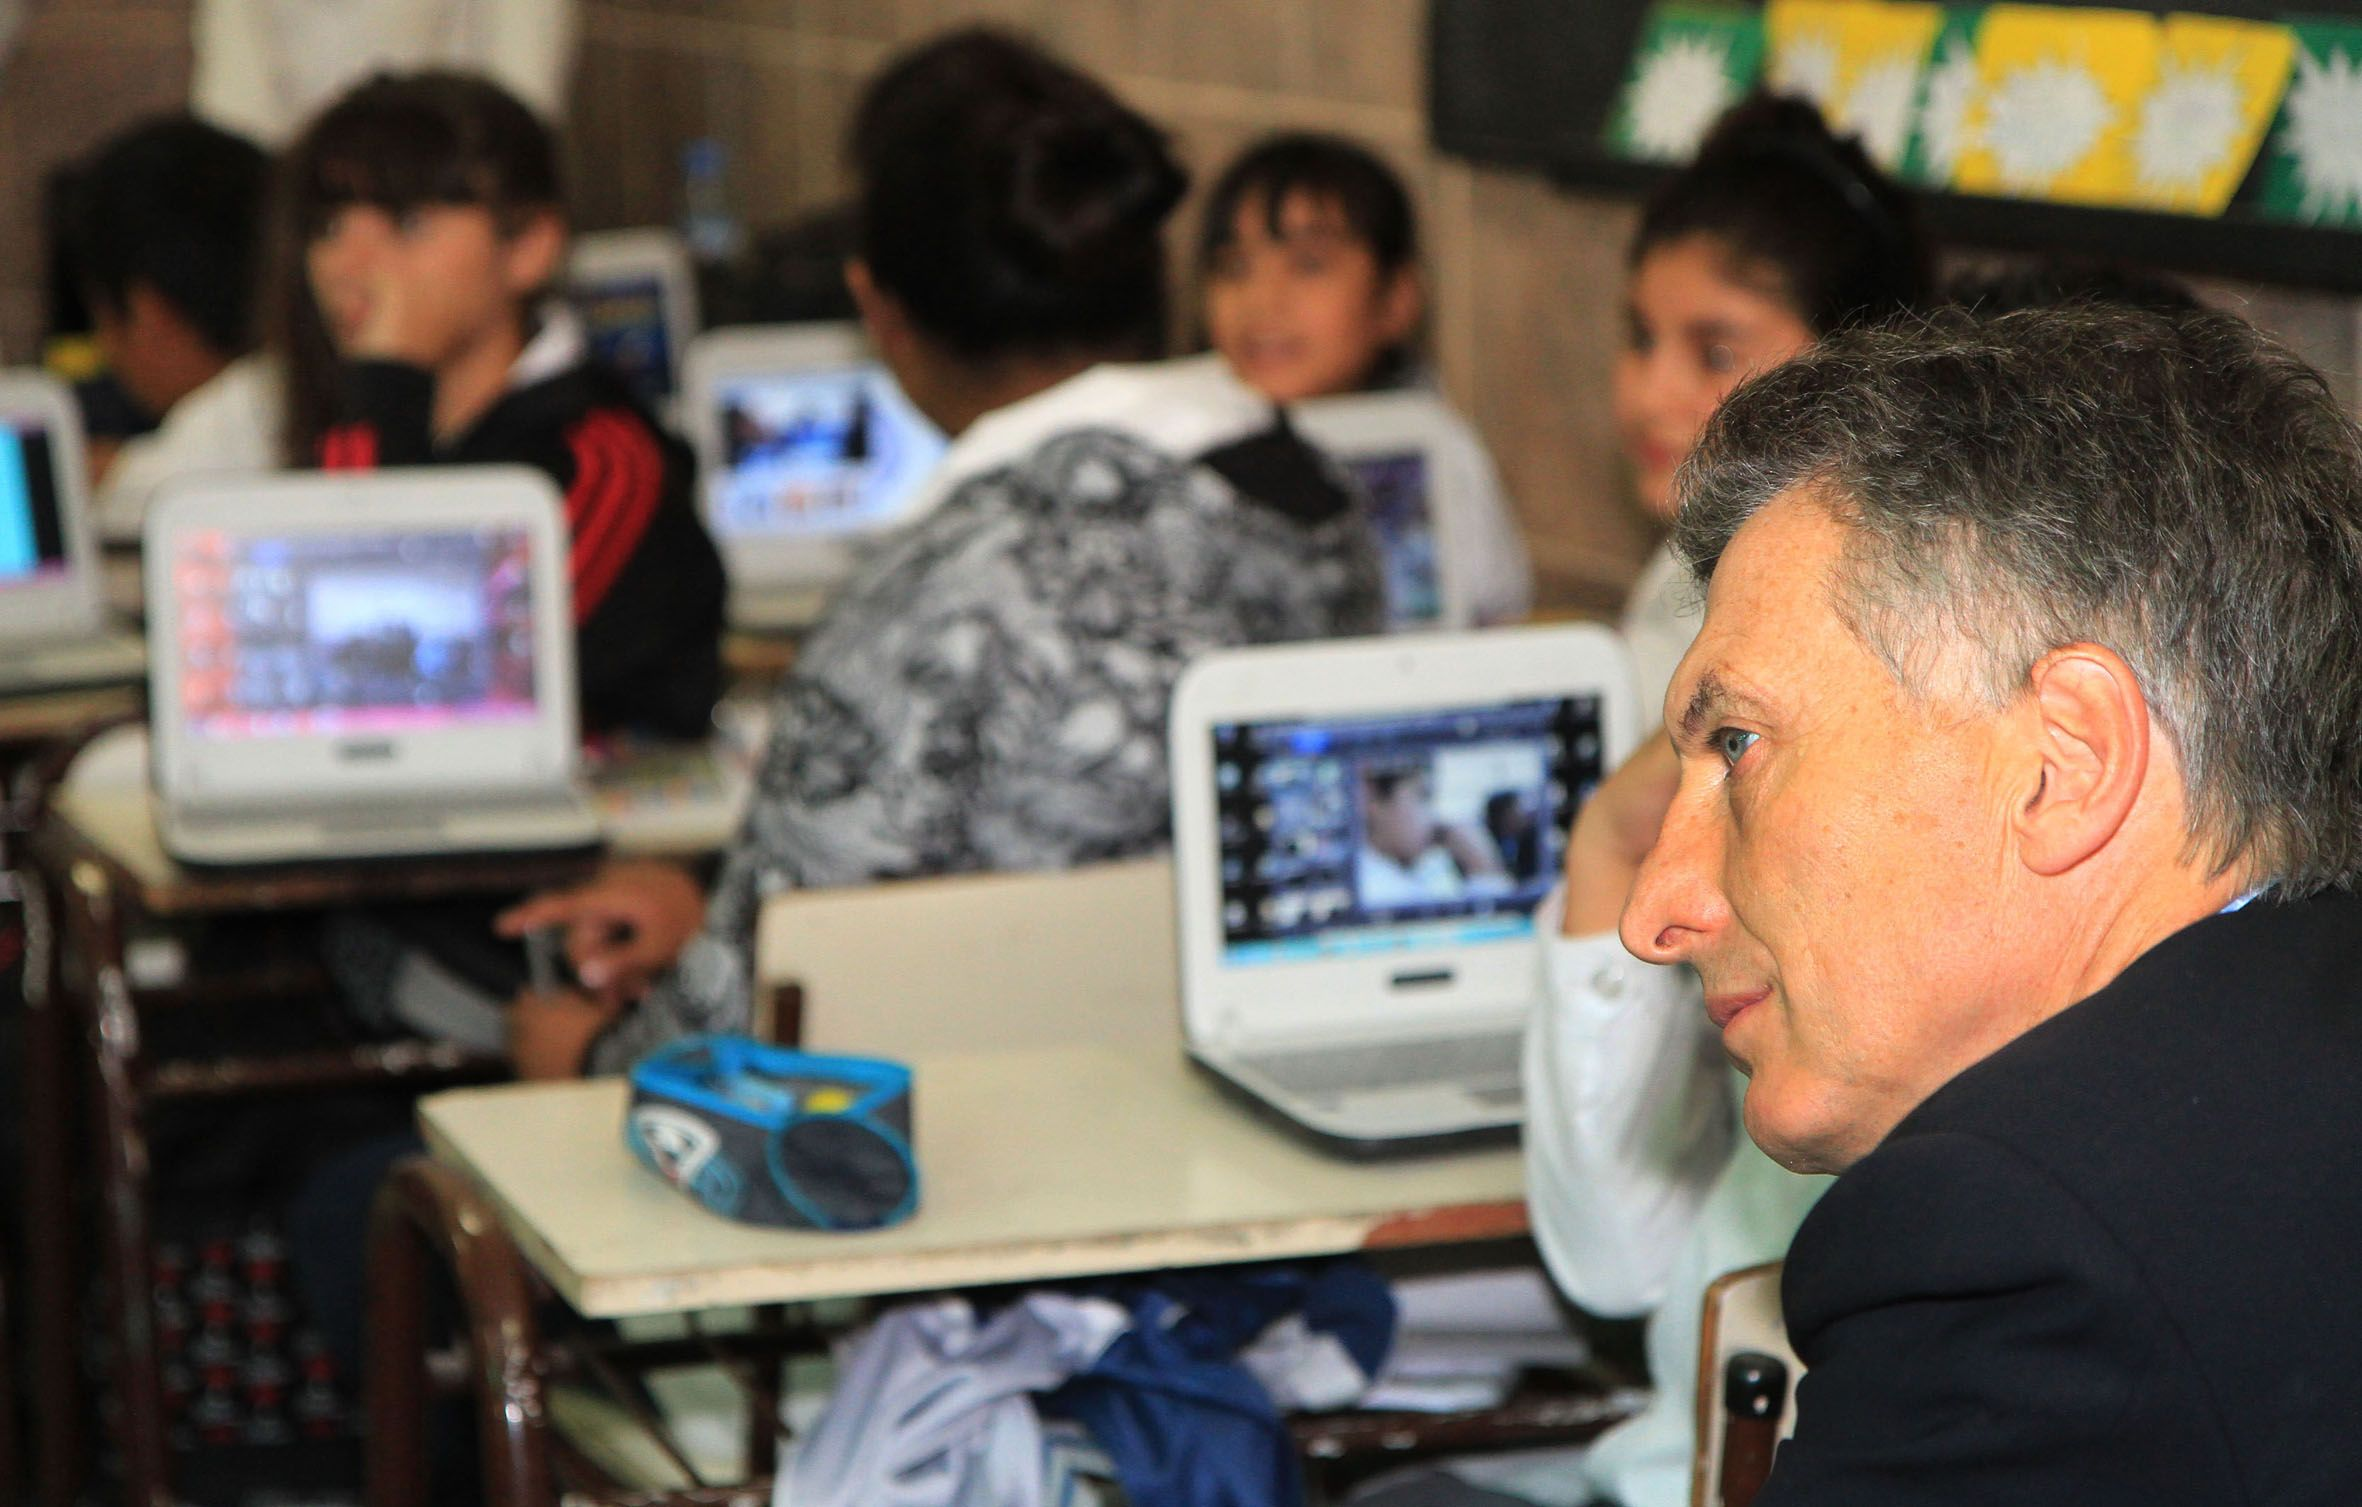 Encontraron 100 mil netbooks: el día que Macri se mostró en contra de entregar computadoras a chicos en edad escolar